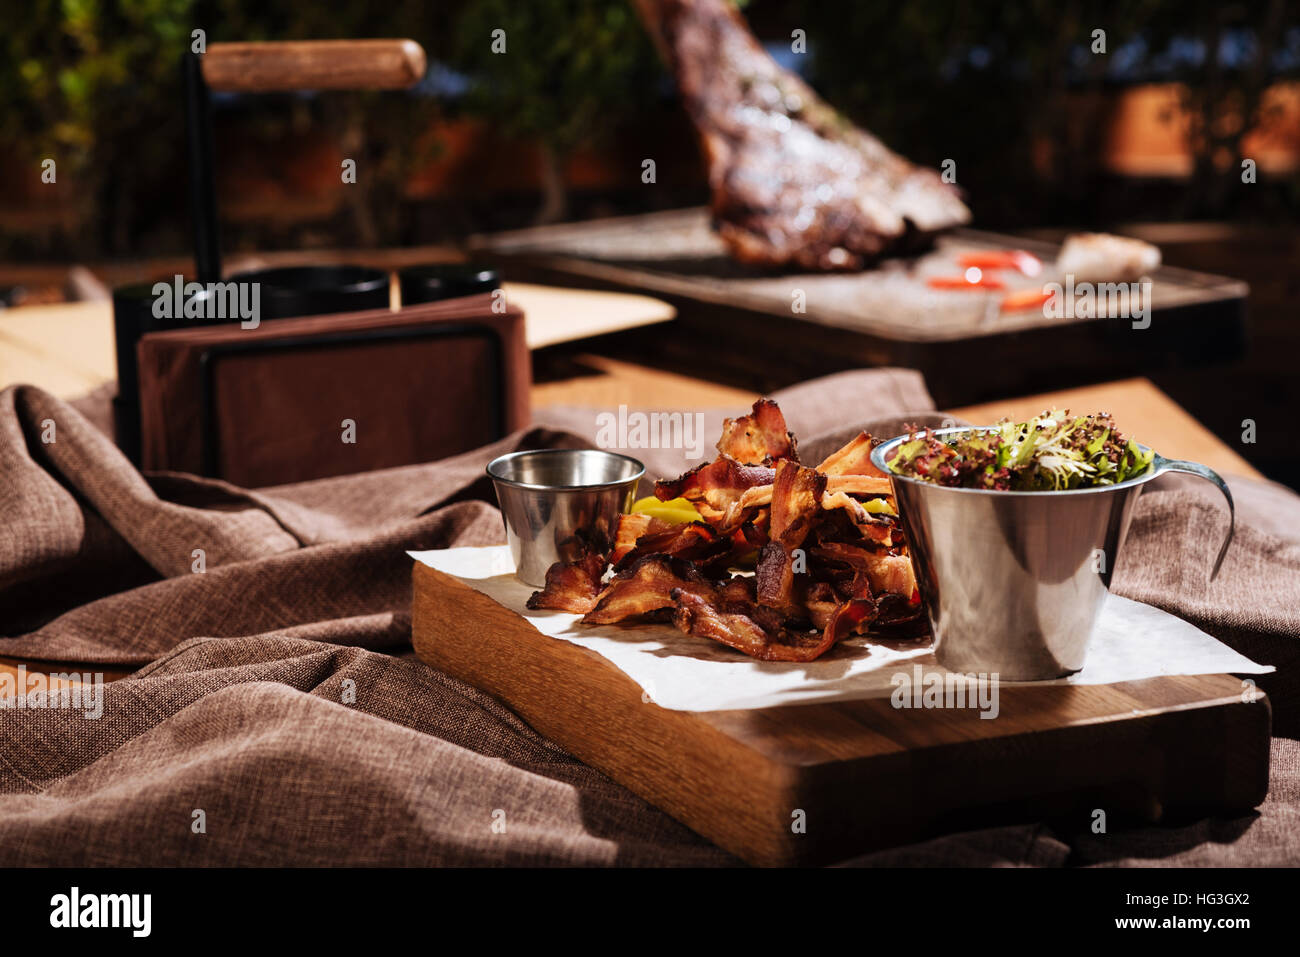 Speck und Salat stehen im Speisesaal Stockfoto